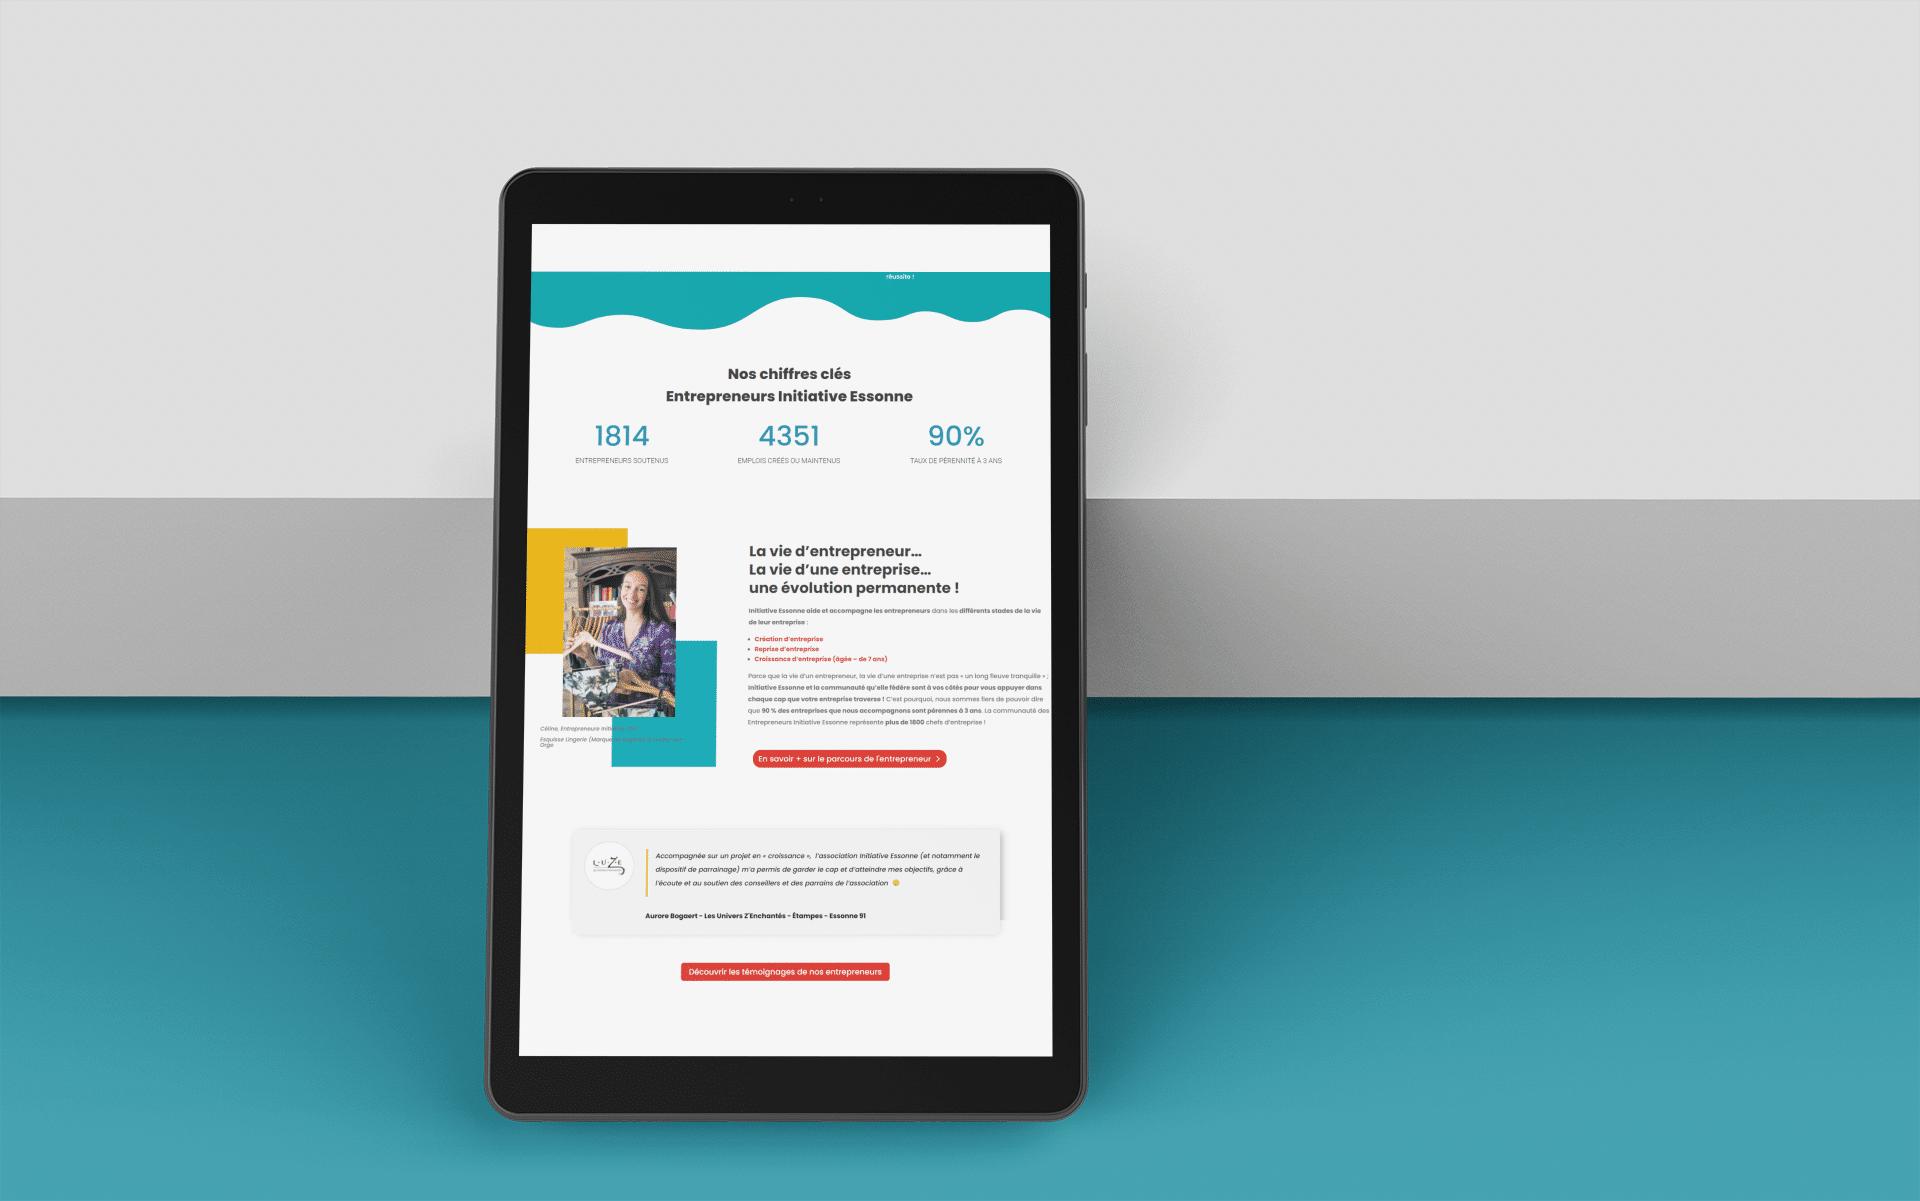 Notre nouveau site web adaptif - responsive